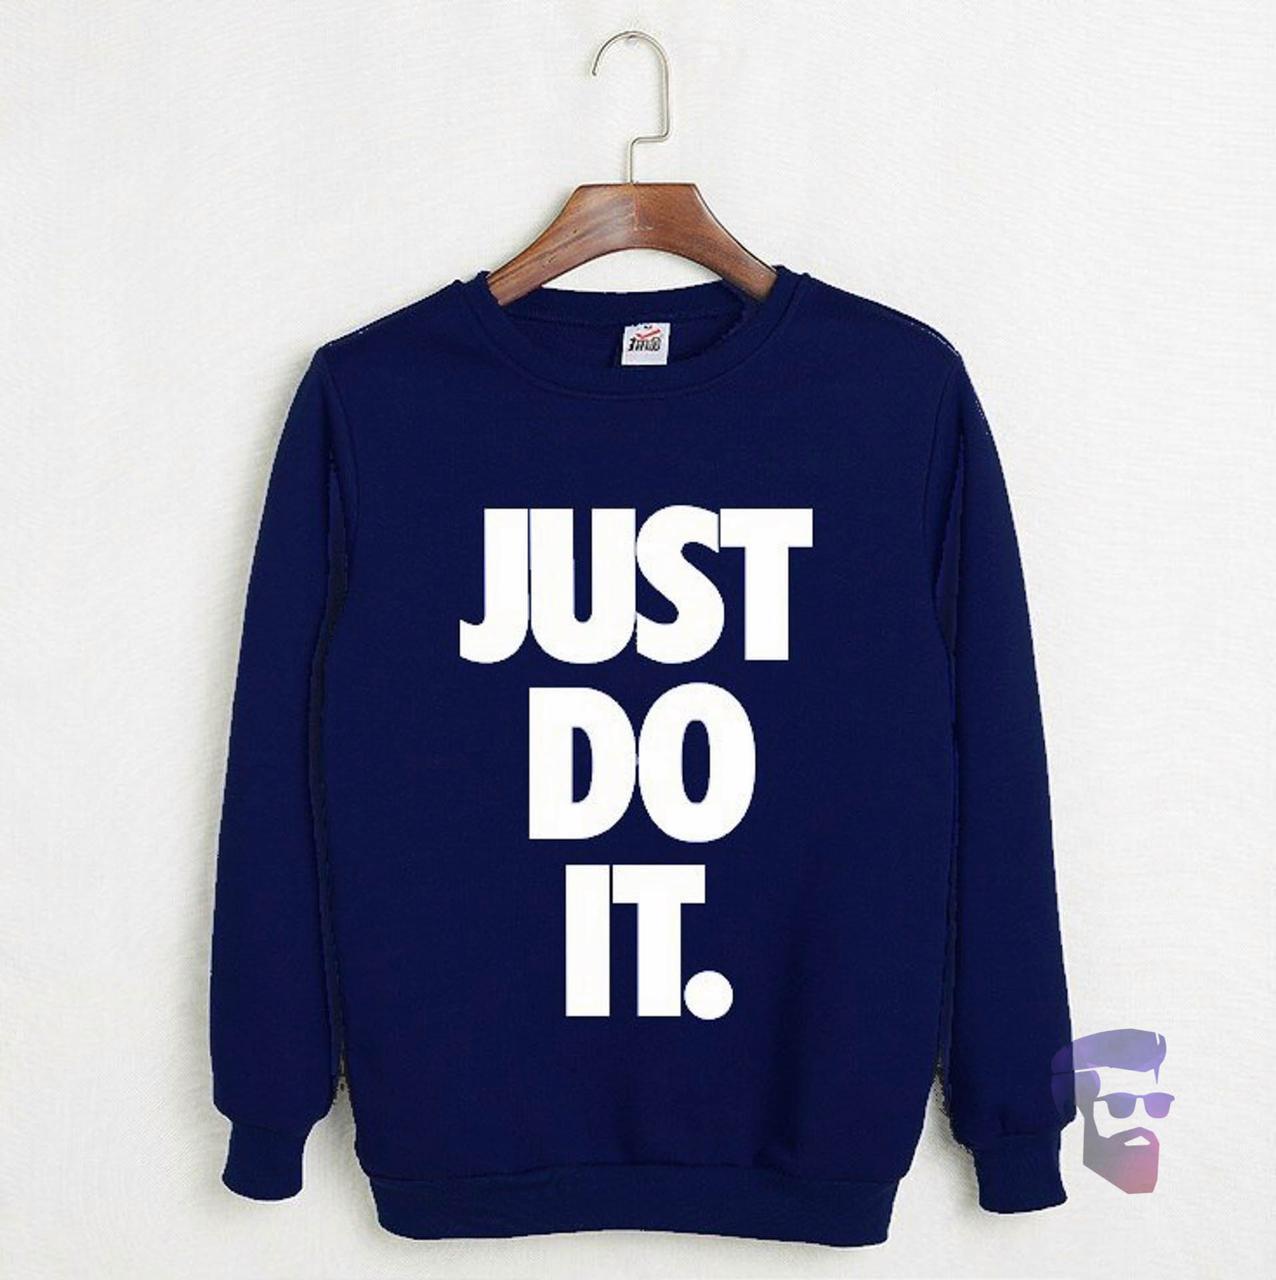 Спортивная кофта Найк, Мужская кофта Nike Just Do It, темно-синяя, трикотажная, реглан, свитшот